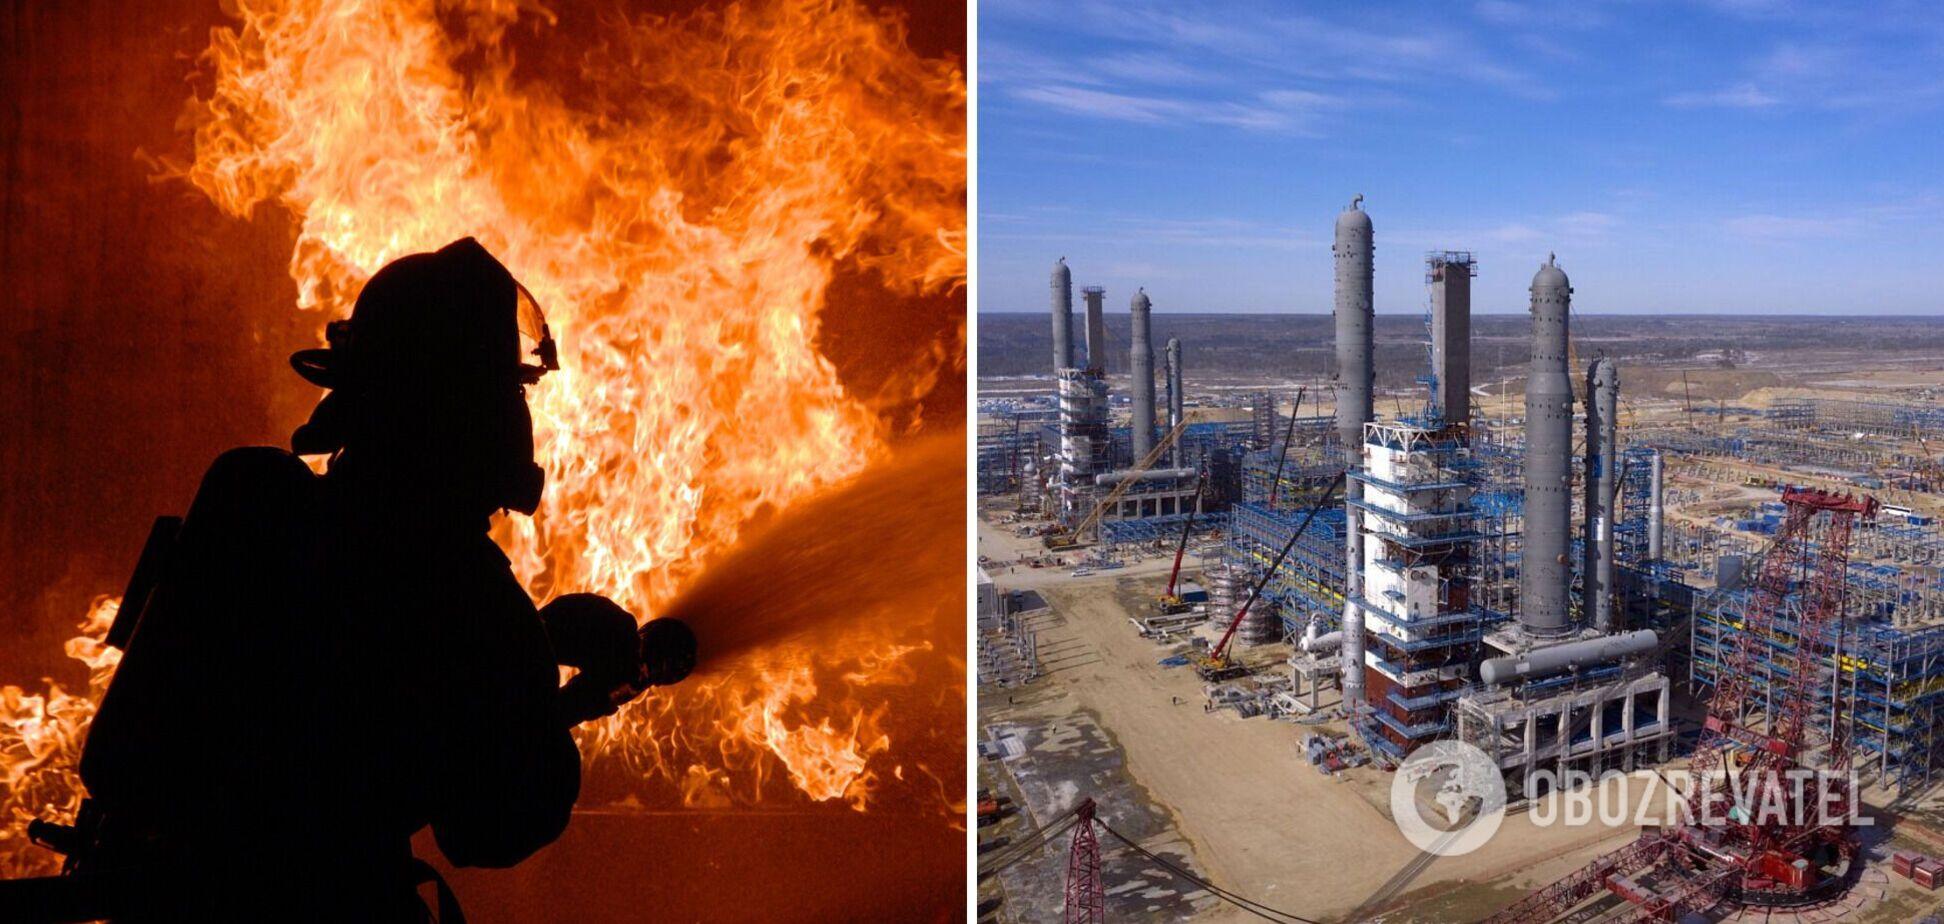 У Росії на заводі 'Газпрому' прогримів потужний вибух: з'явилися подробиці НП. Відео